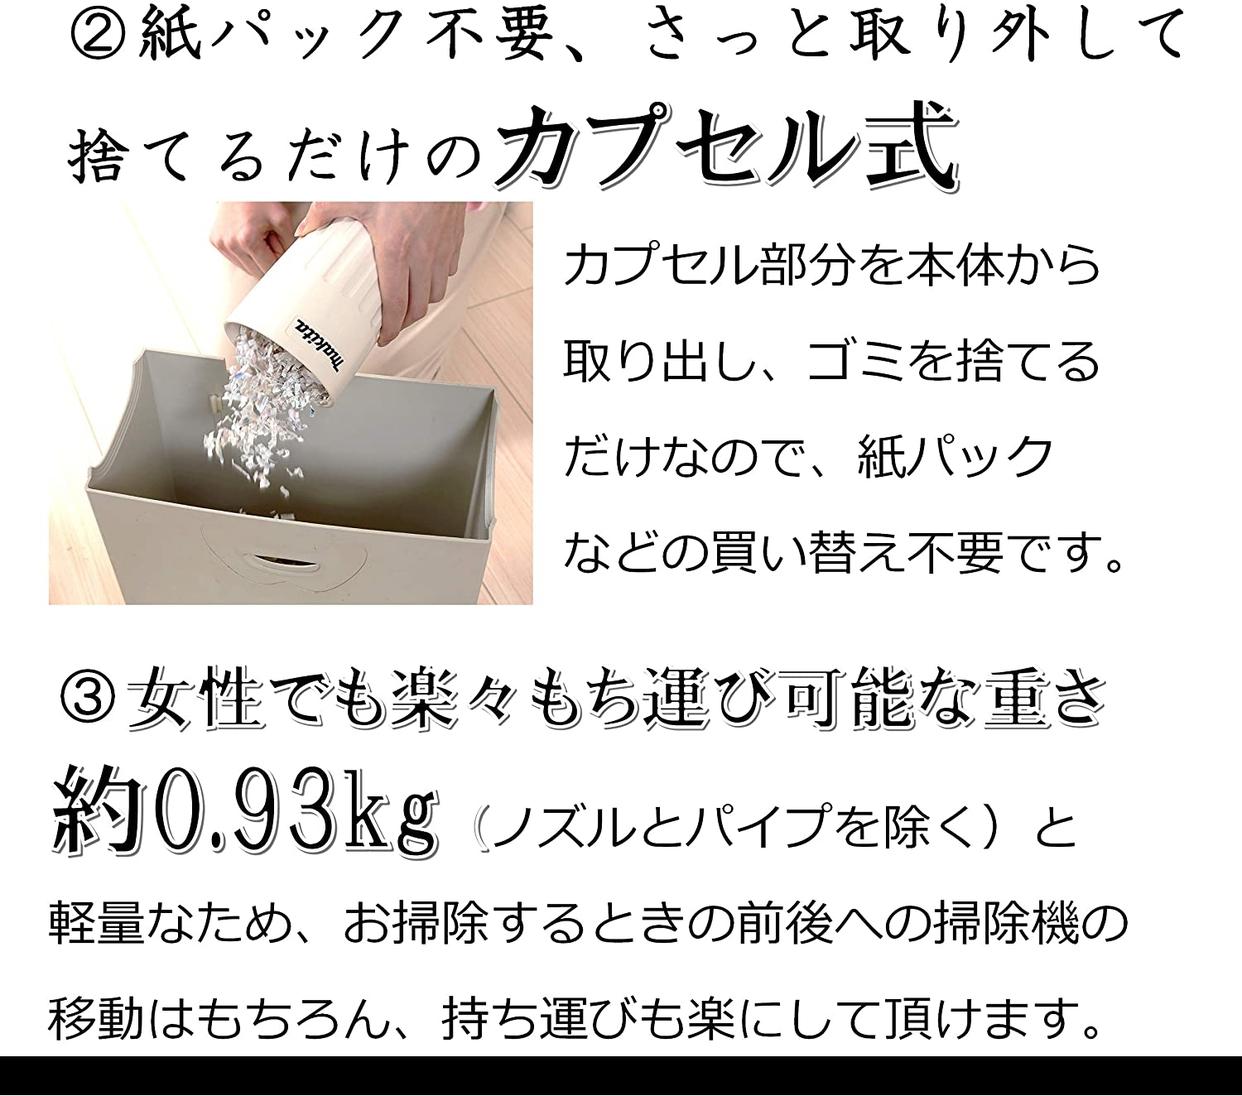 makita(マキタ) 充電式クリーナ CL110DWの商品画像5